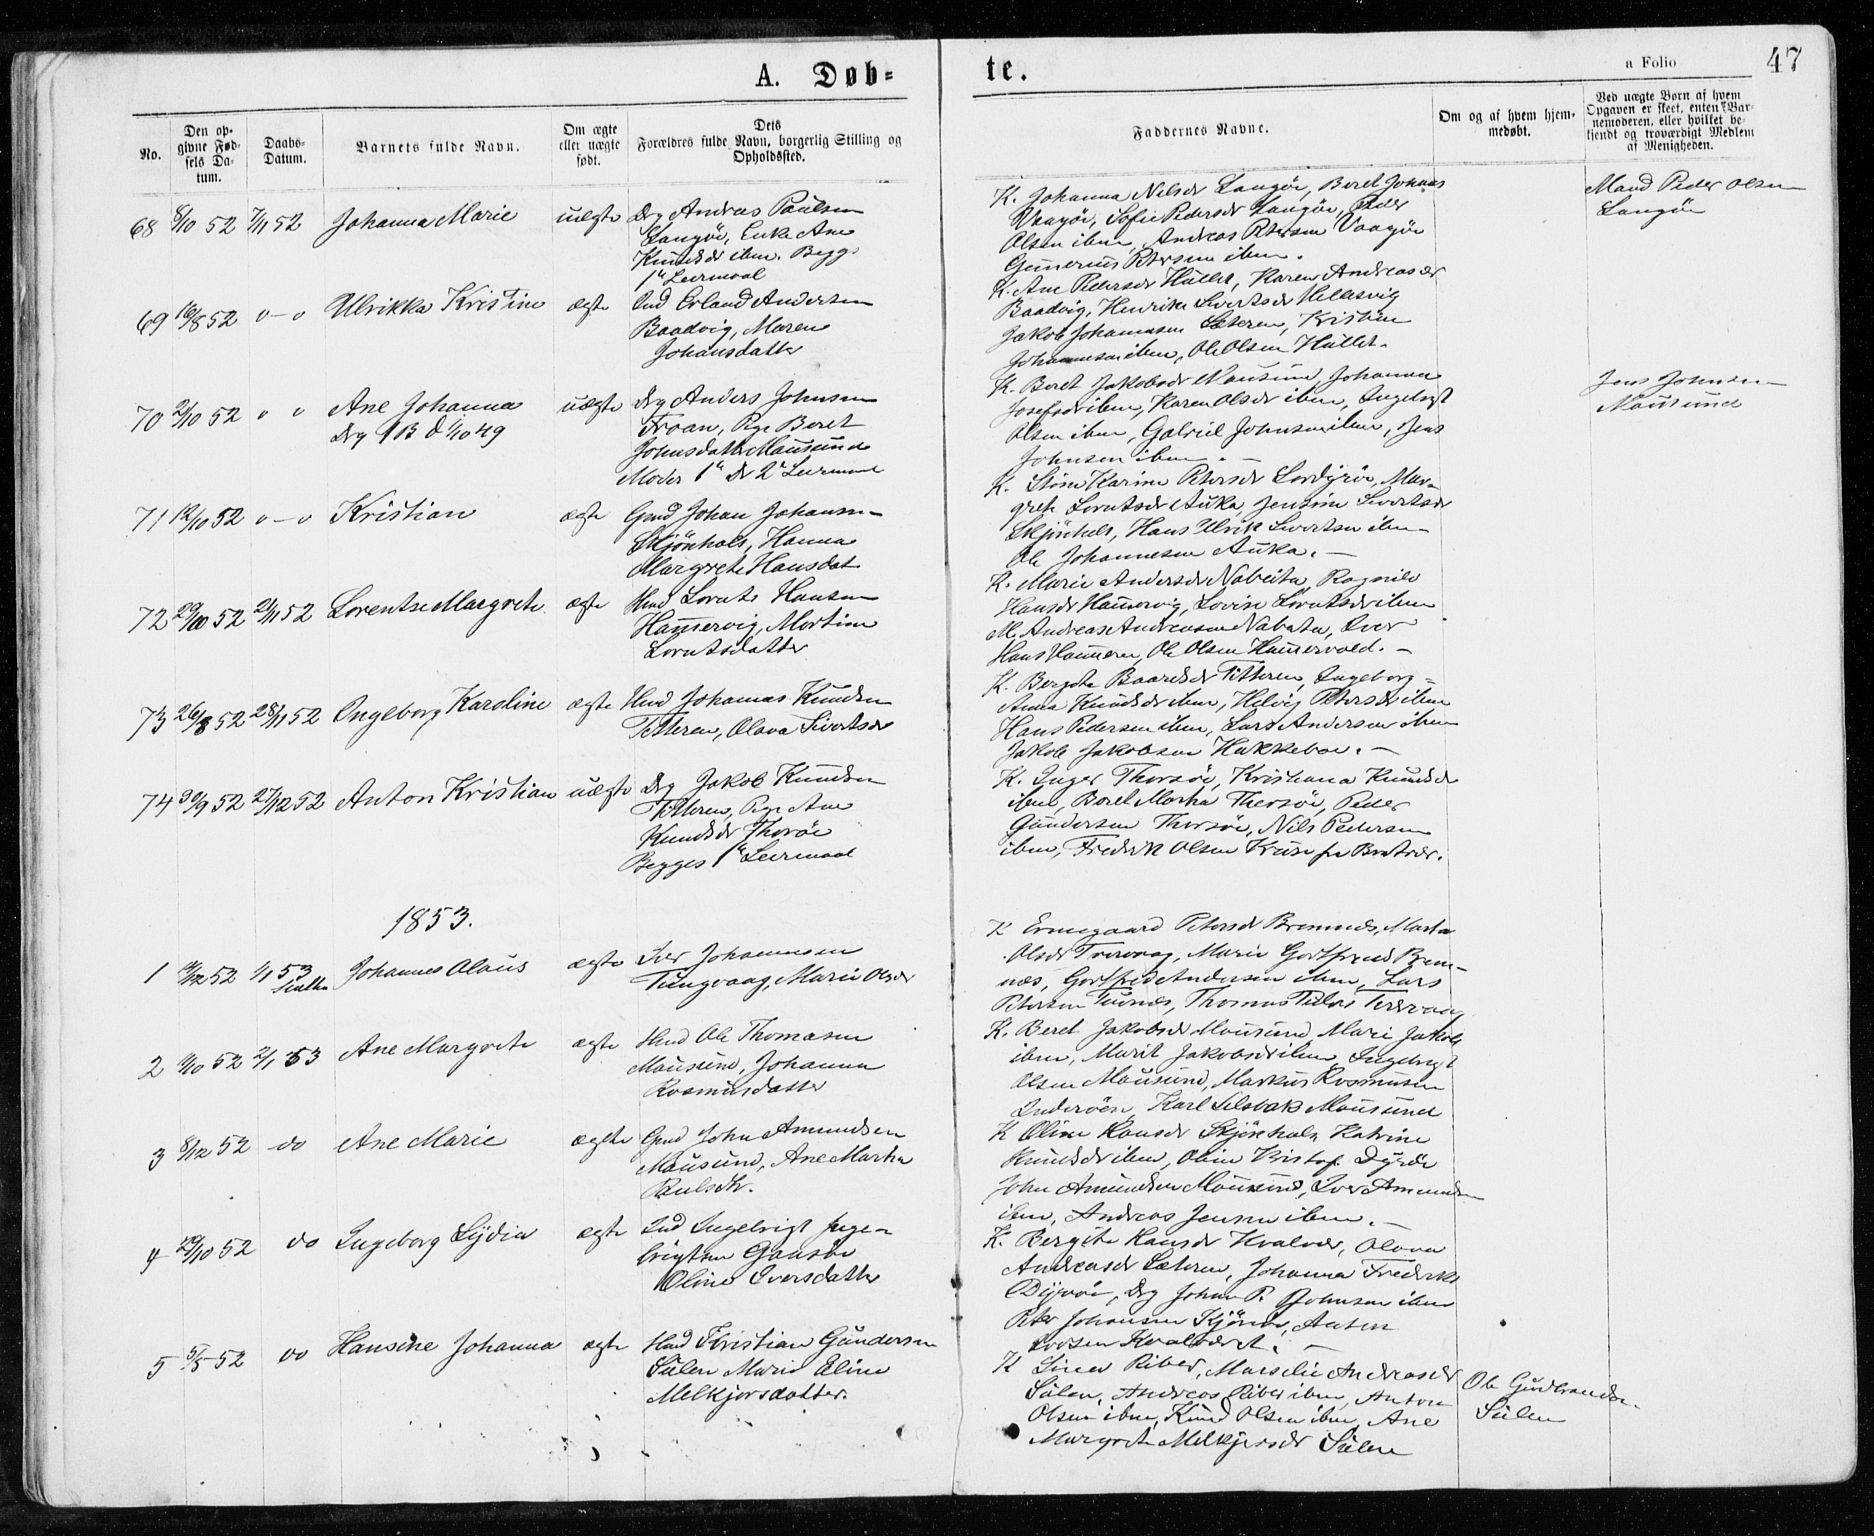 SAT, Ministerialprotokoller, klokkerbøker og fødselsregistre - Sør-Trøndelag, 640/L0576: Ministerialbok nr. 640A01, 1846-1876, s. 47